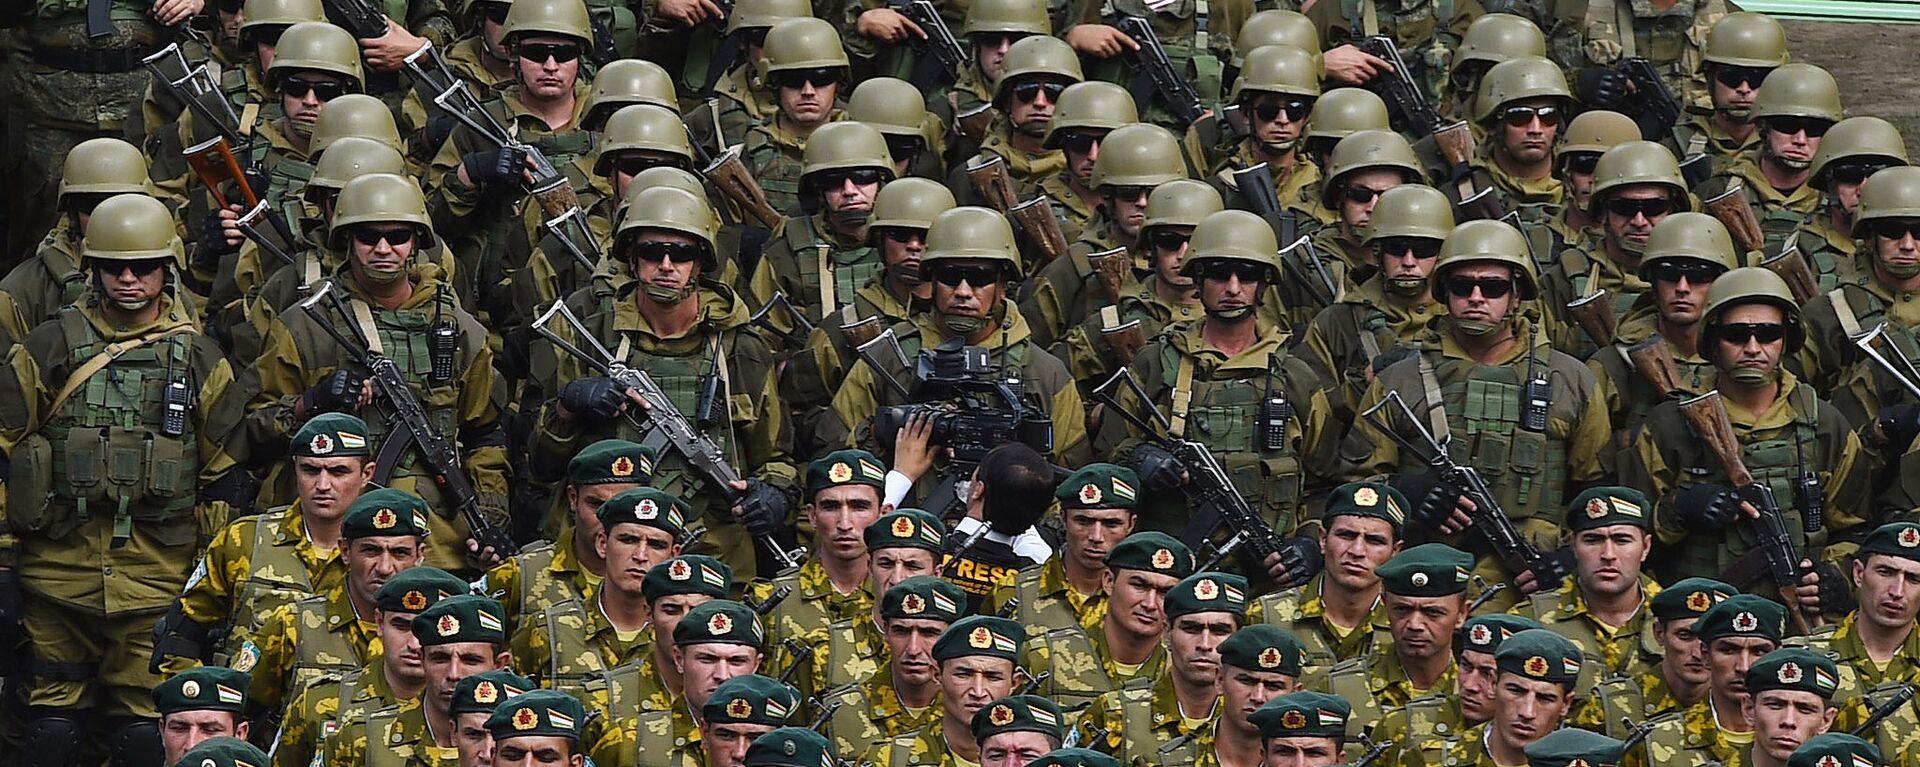 Военный парад в Хороге по случаю приезда президента Таджикистана - Sputnik Таджикистан, 1920, 26.06.2021